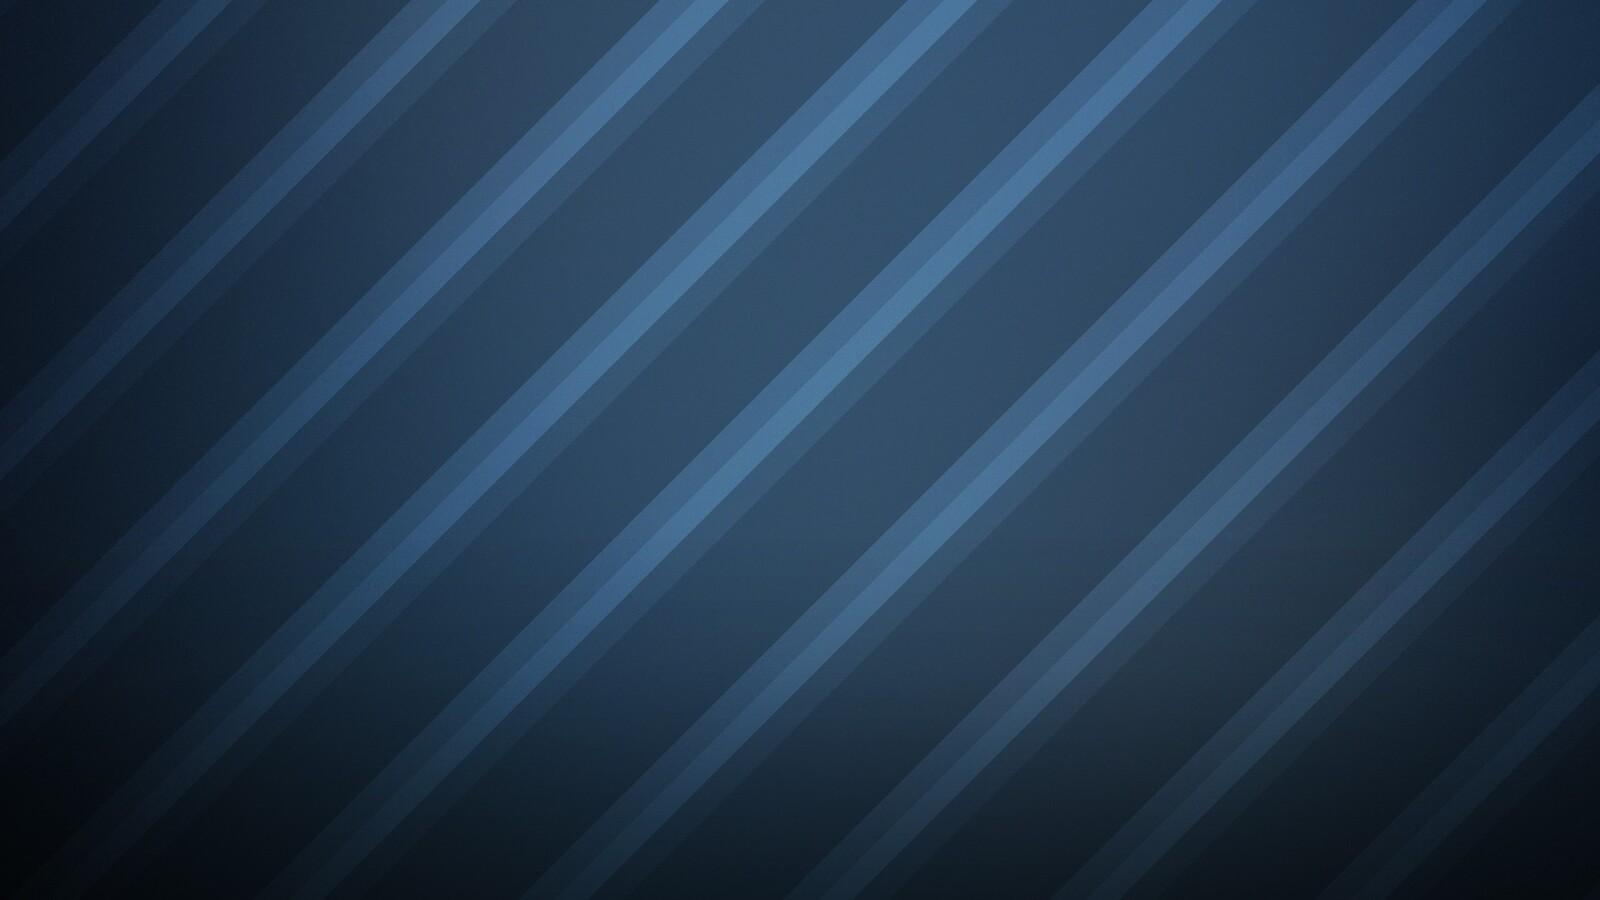 abstract-stripes-qhd.jpg